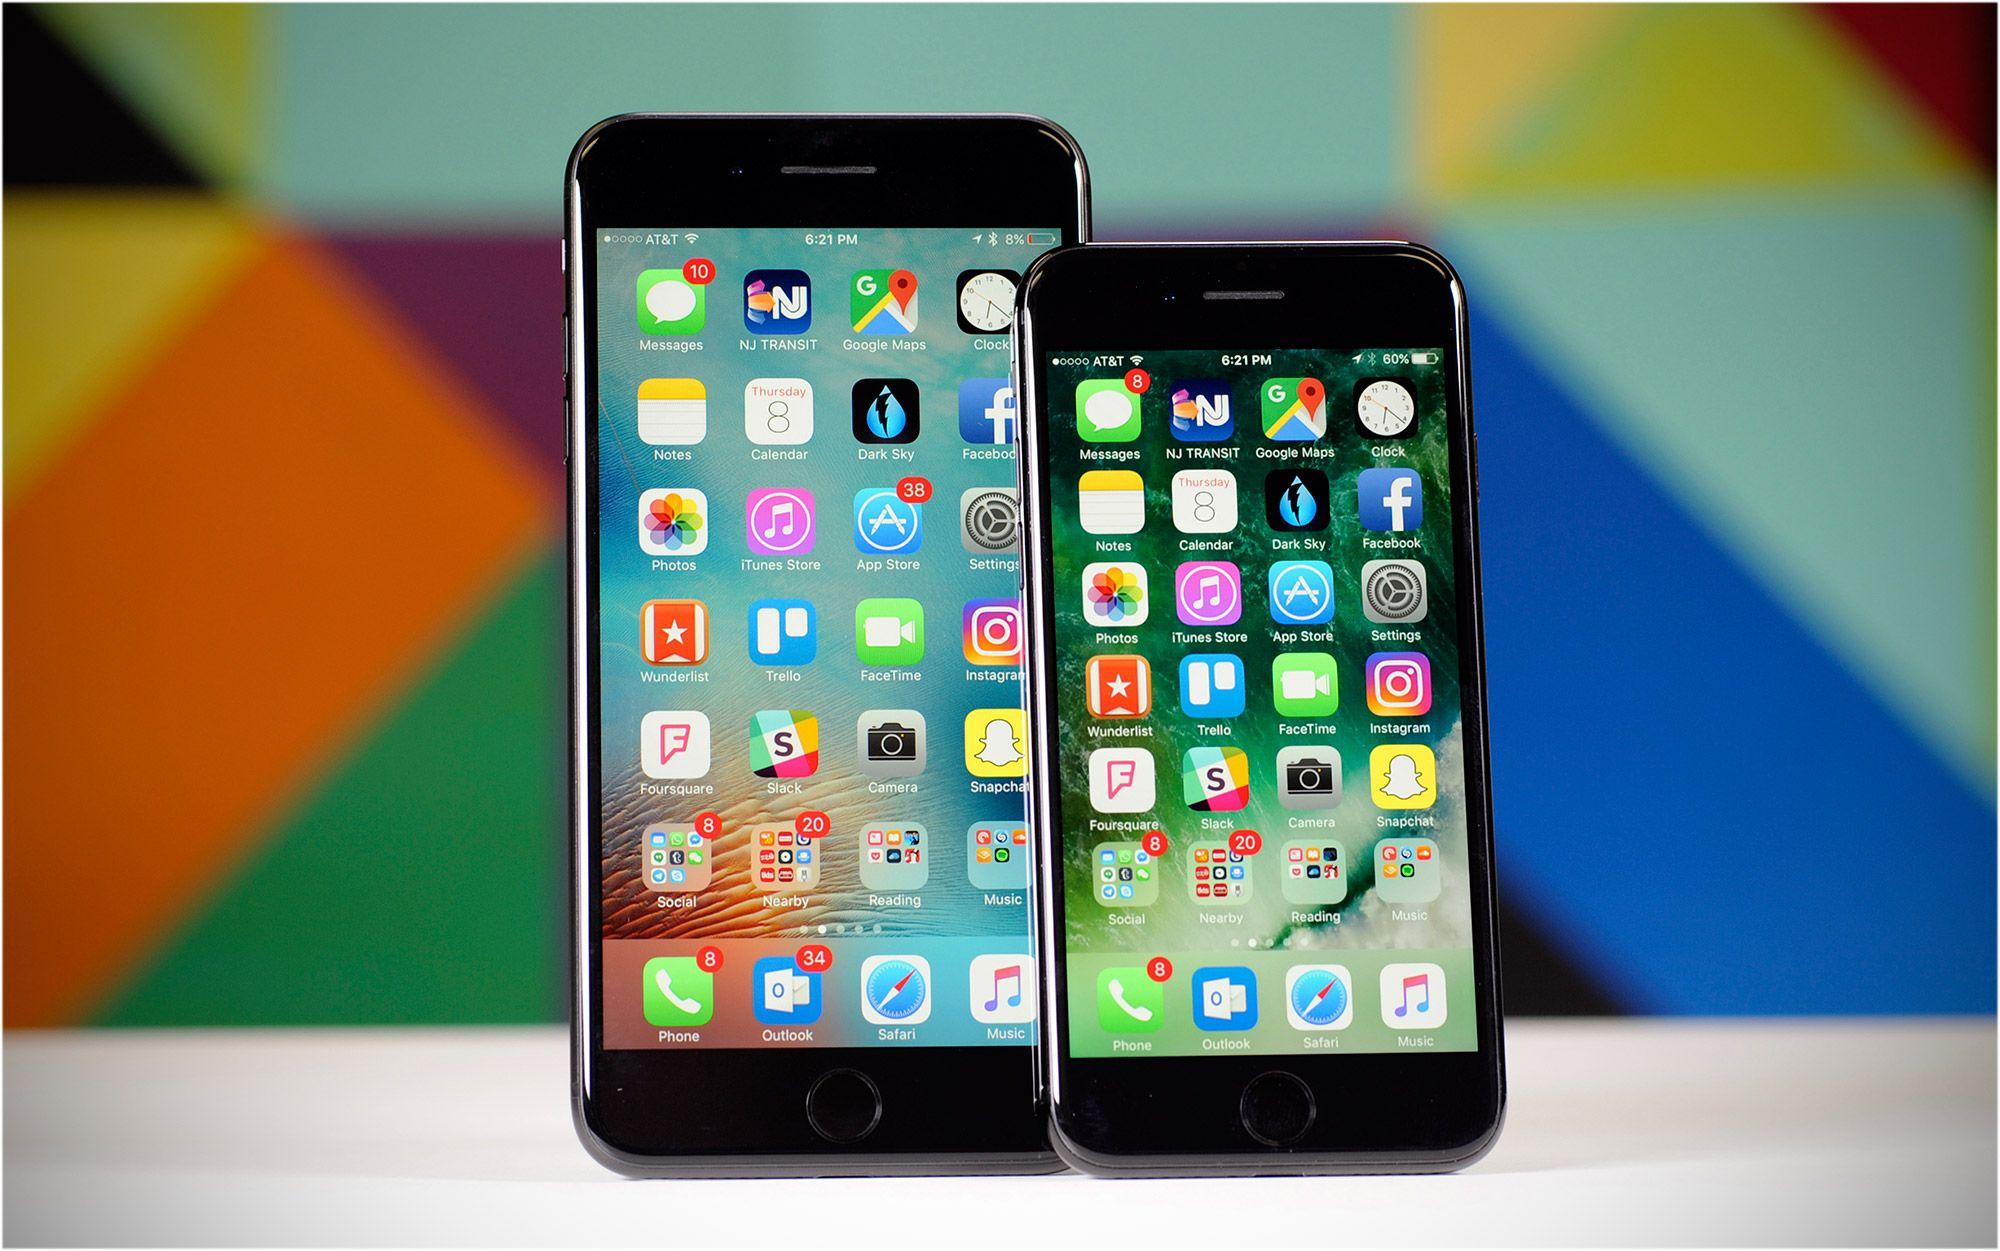 取代iPhone6S, 它才是庫克最頭疼的蘋果釘子戶?-圖1